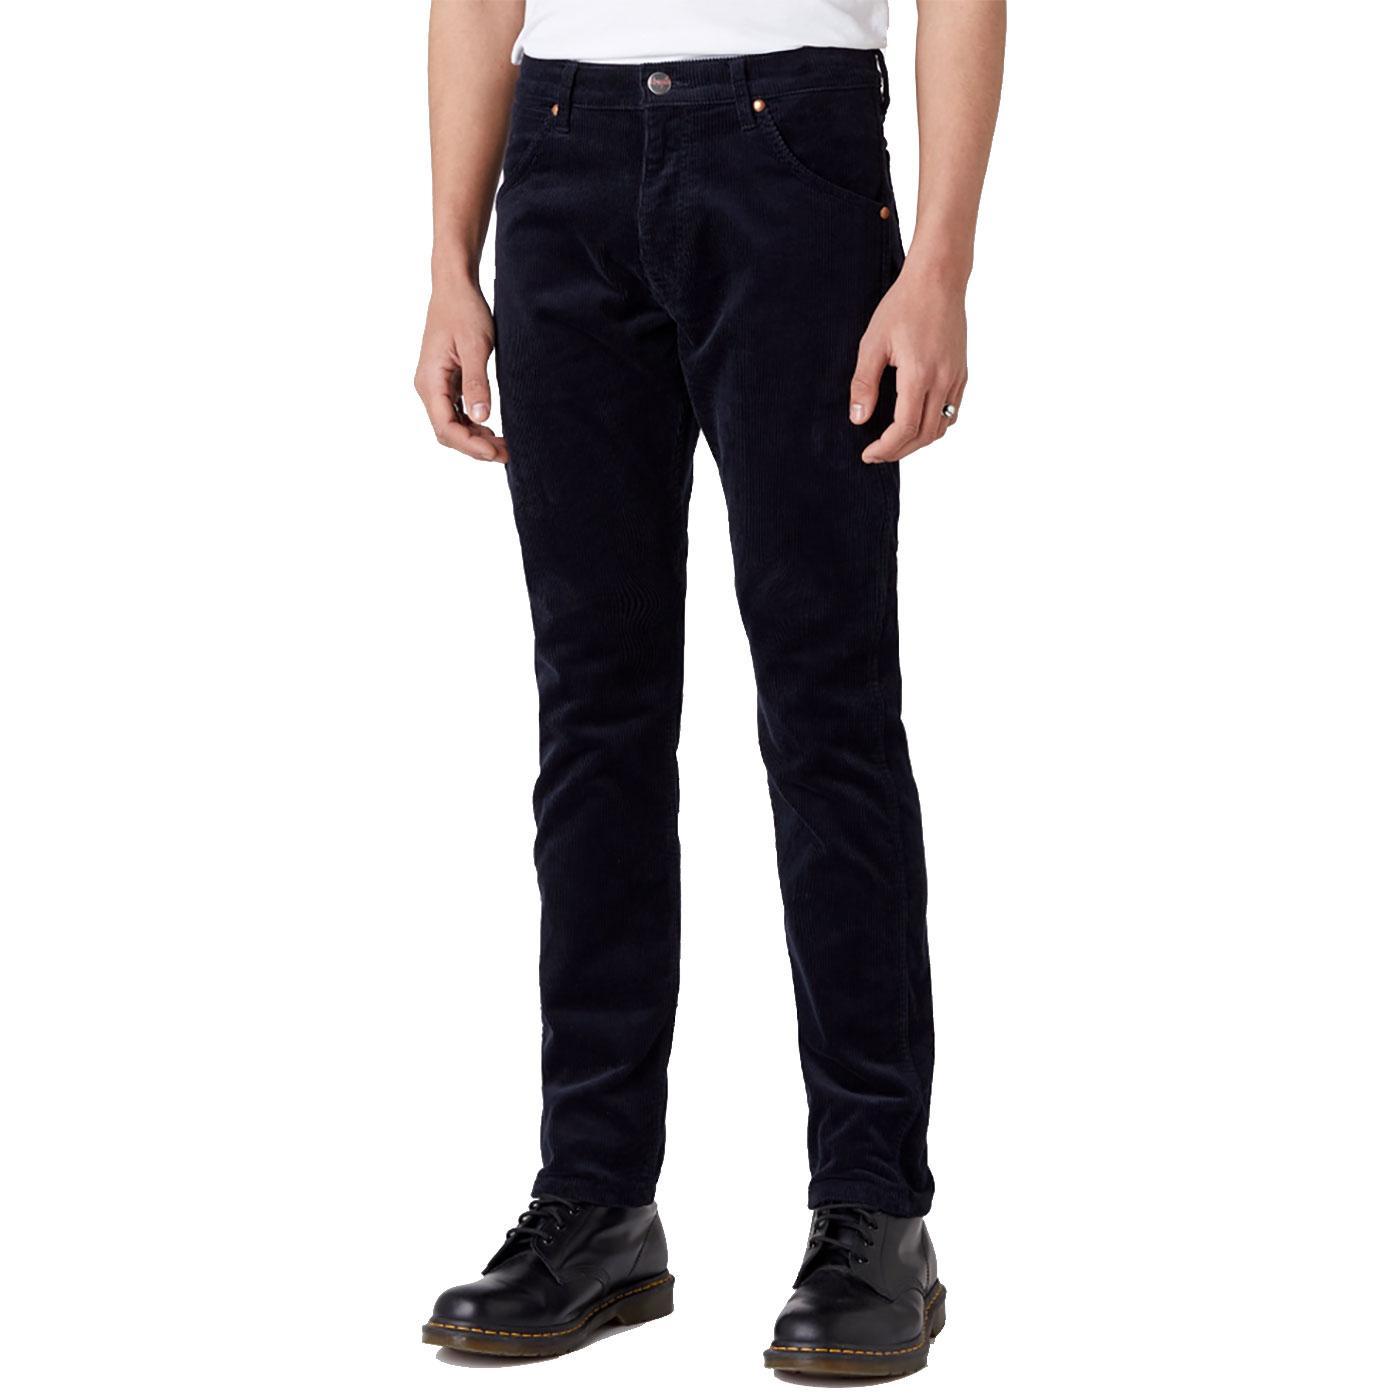 WRANGLER 11MWZ Retro 70's Slim 8 Wale Cord Jeans